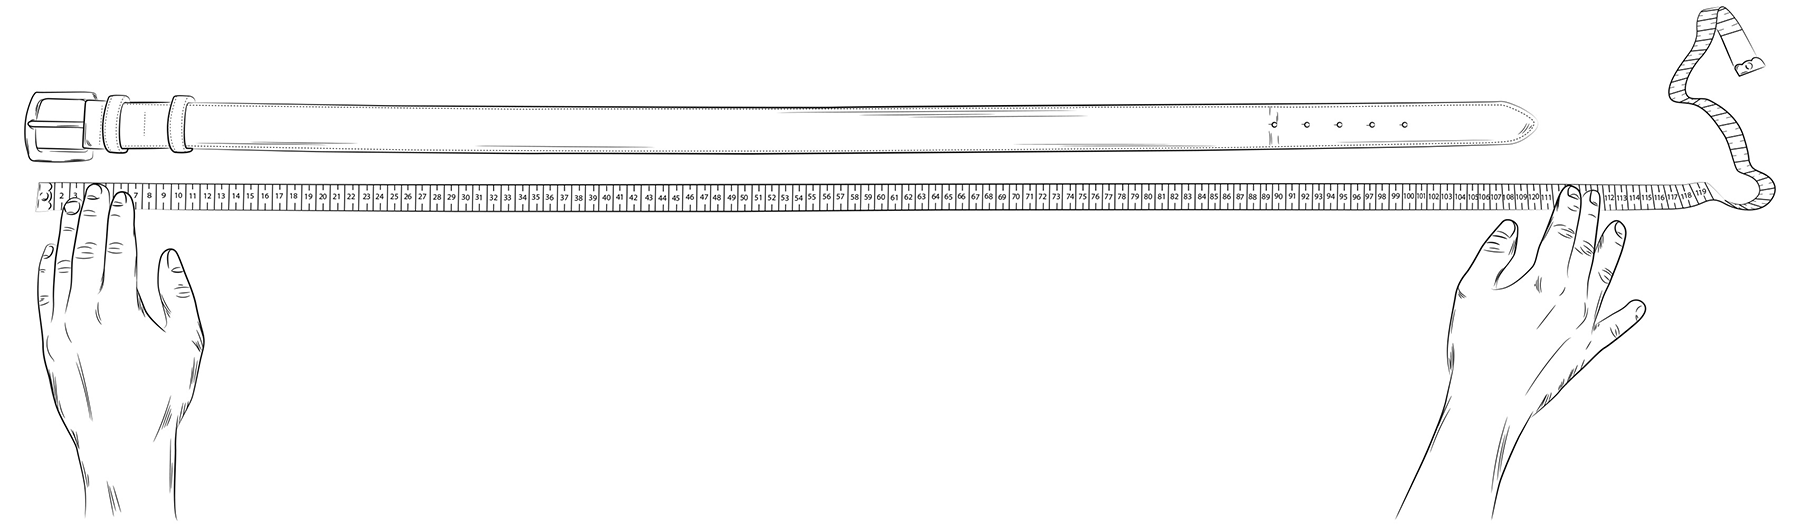 Illustration wie die Gürtelgröße anhand eines alten Gürtels bestimmt werden kann.